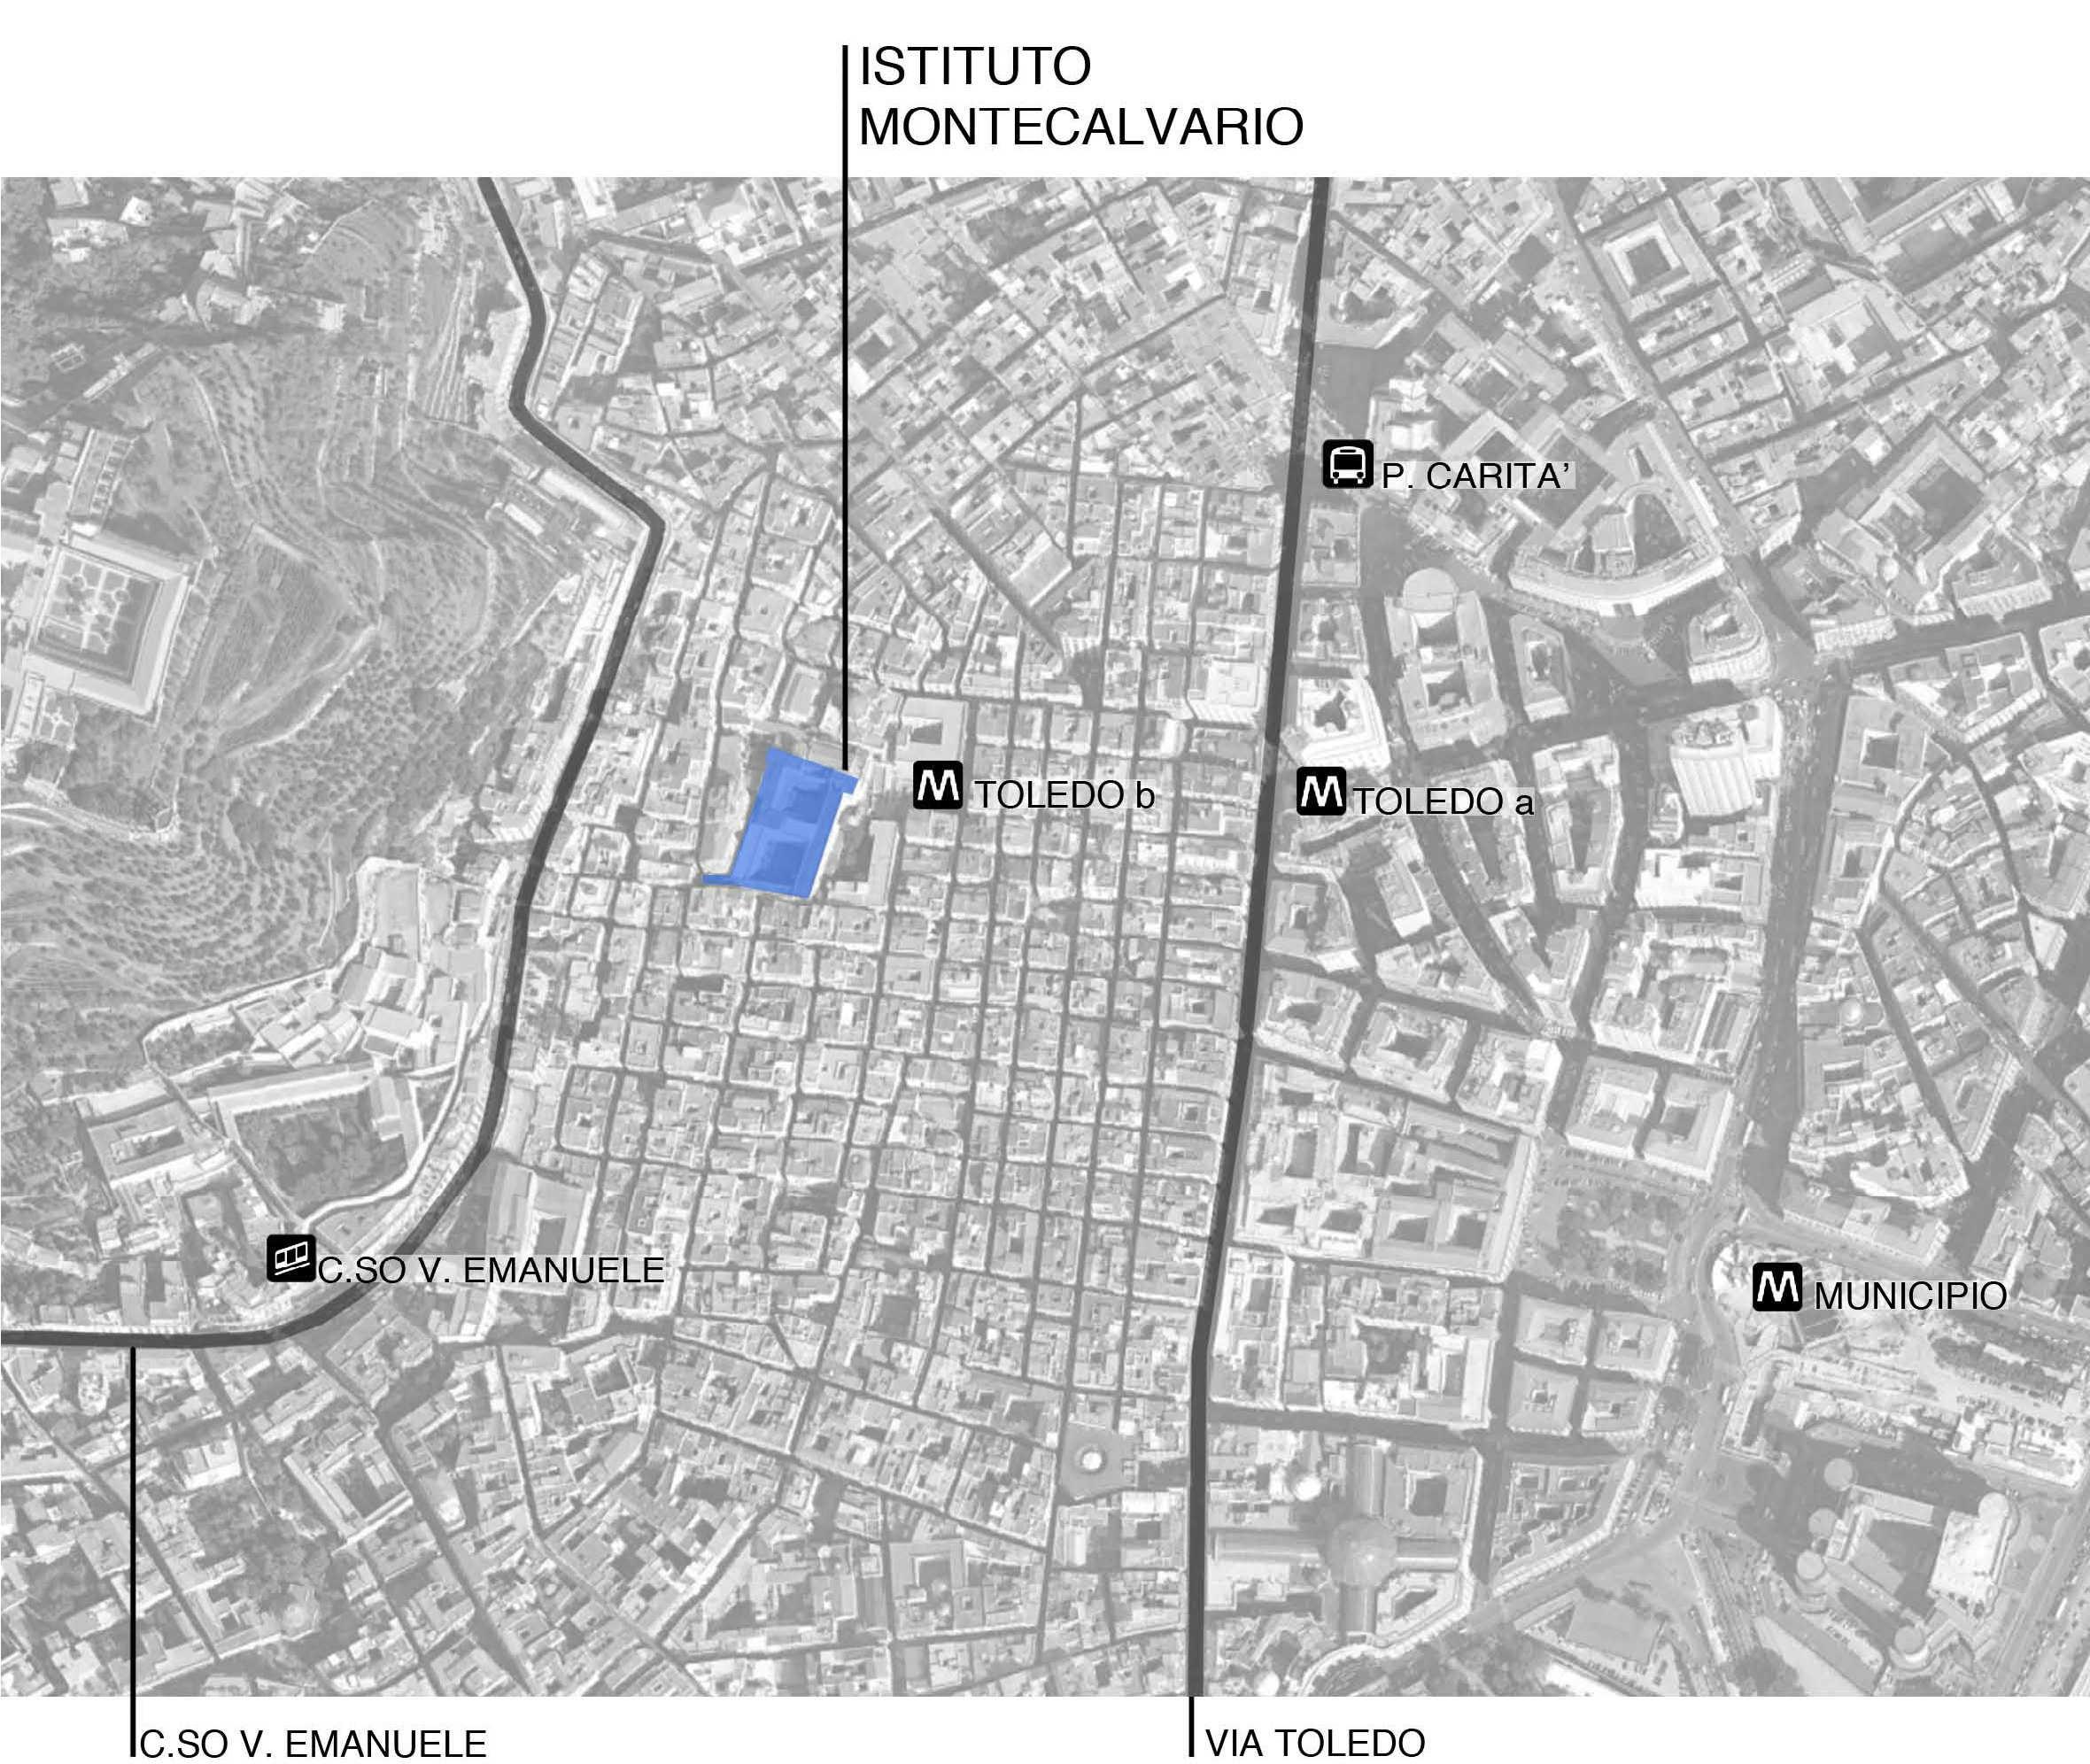 istituto-montecalvario-localizzazione-1